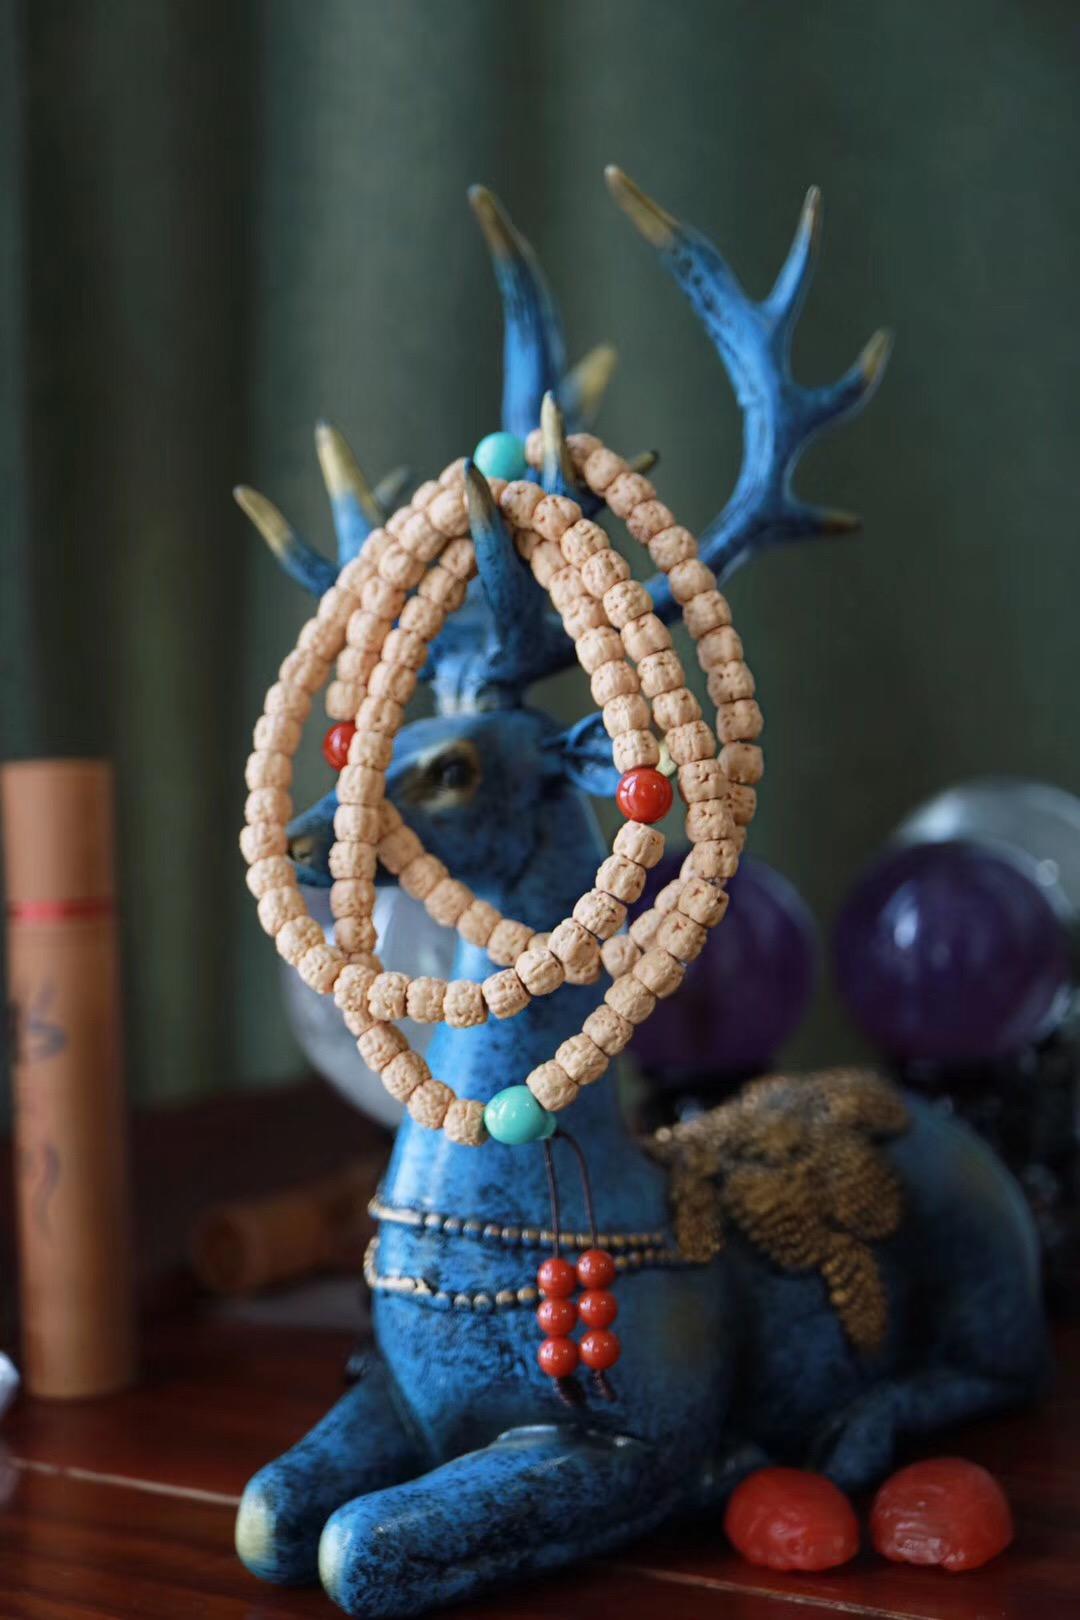 【金刚佛珠】一串佛手金刚佛珠,可助你修身养性-菩心晶舍